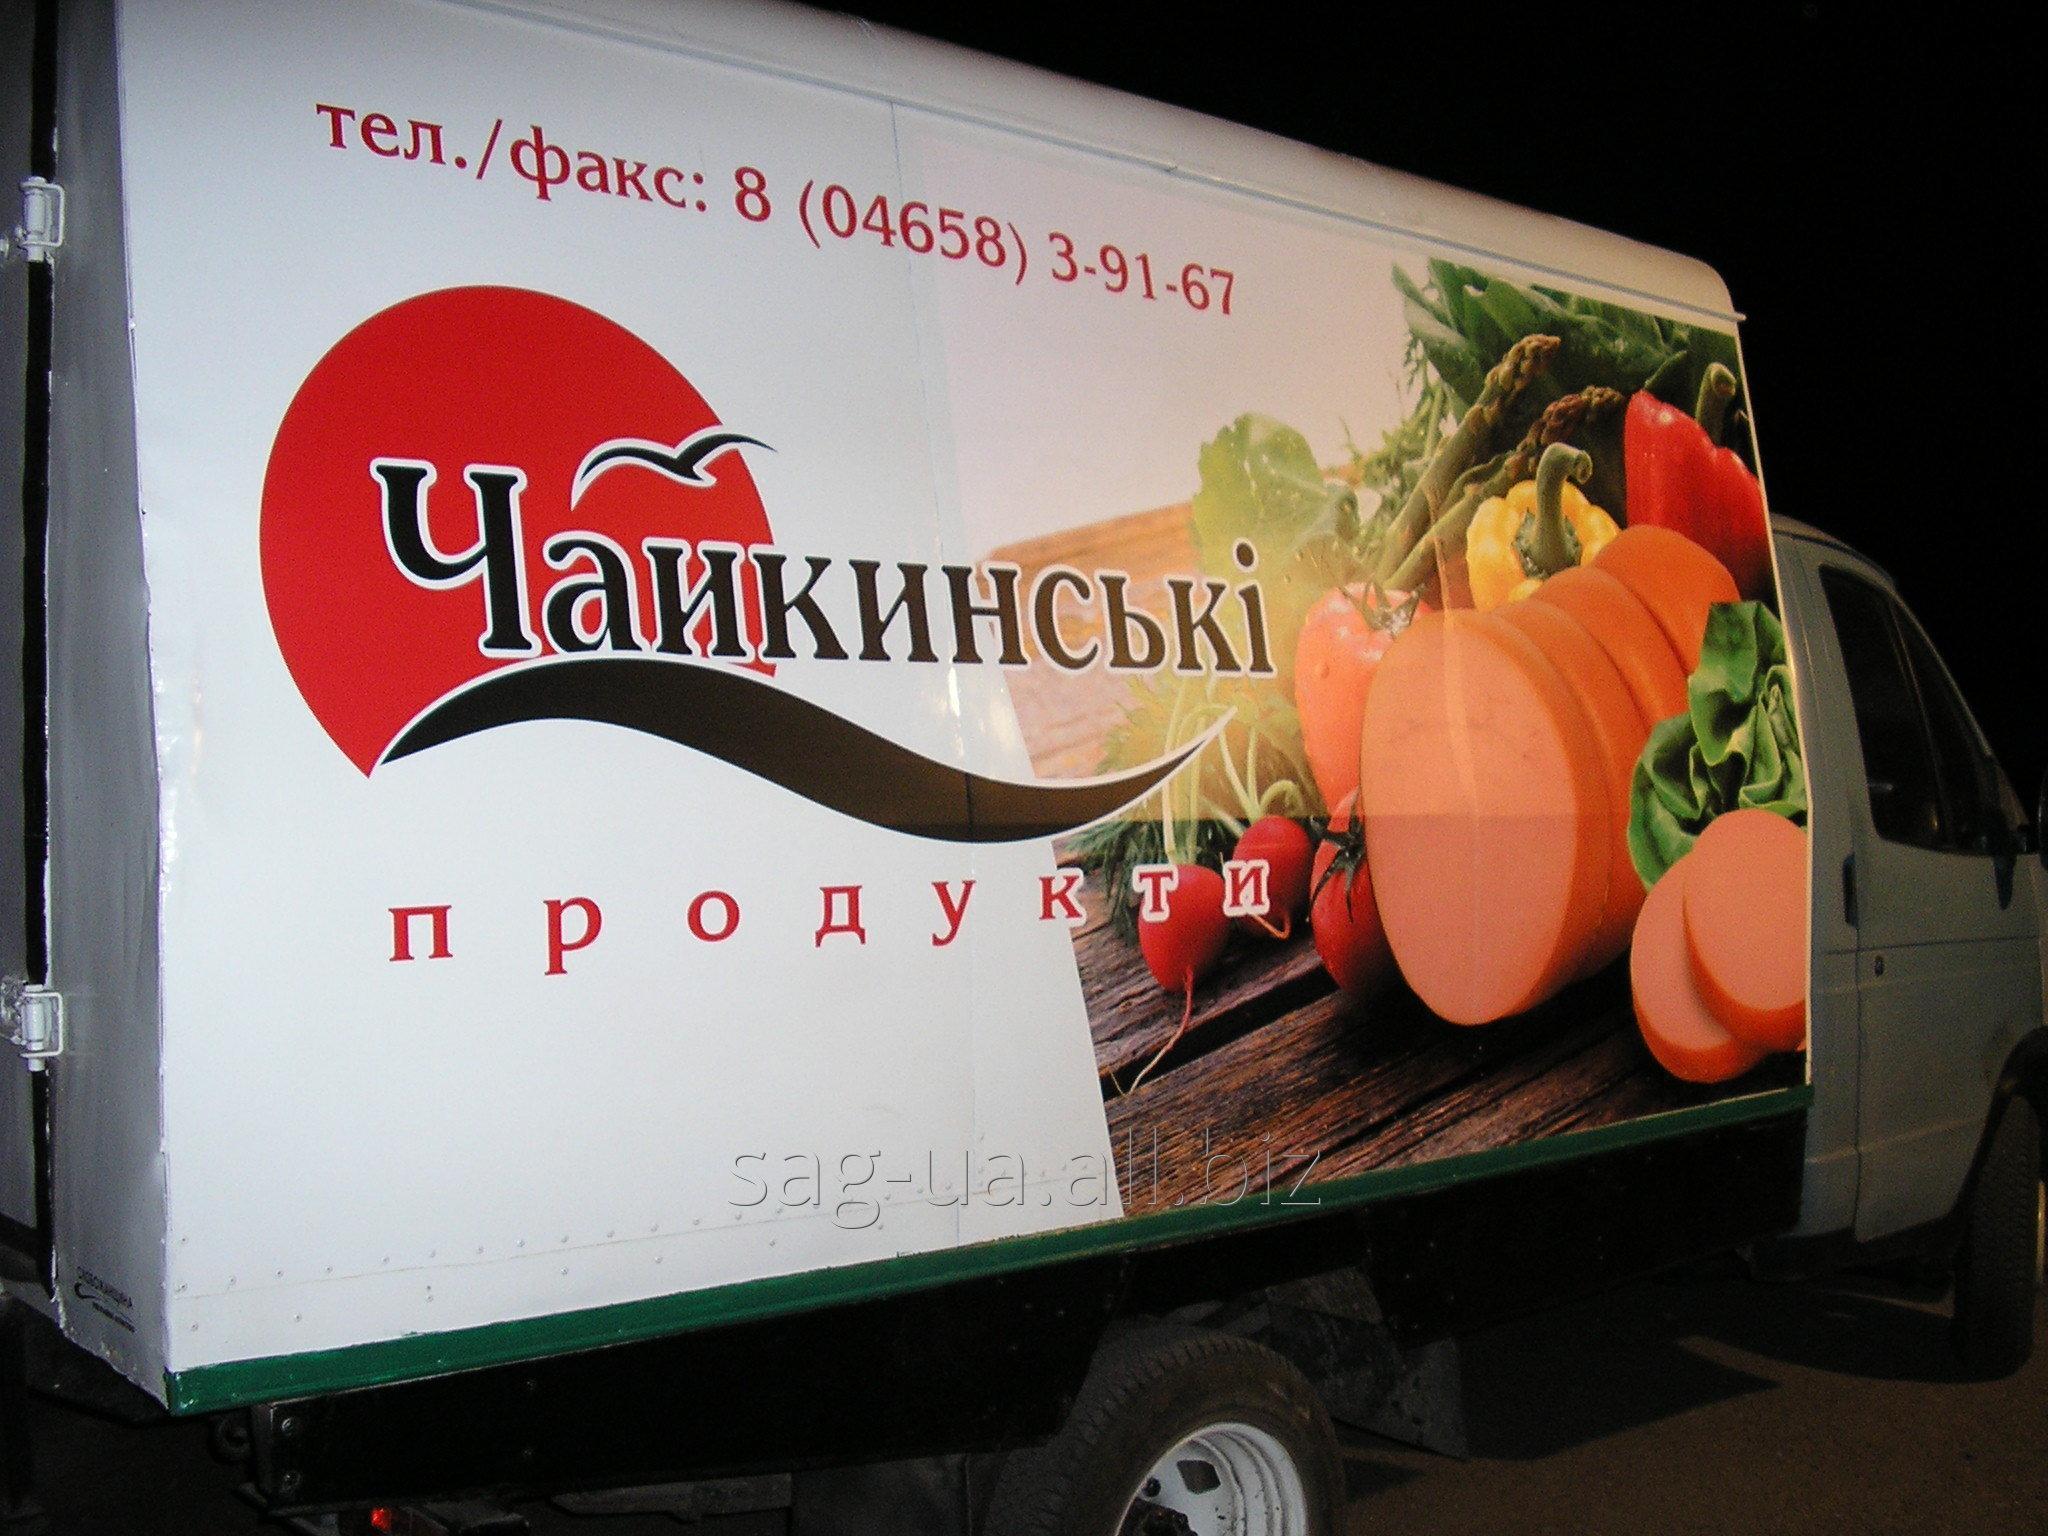 reklama_na_transporte_oformlenie_transporta